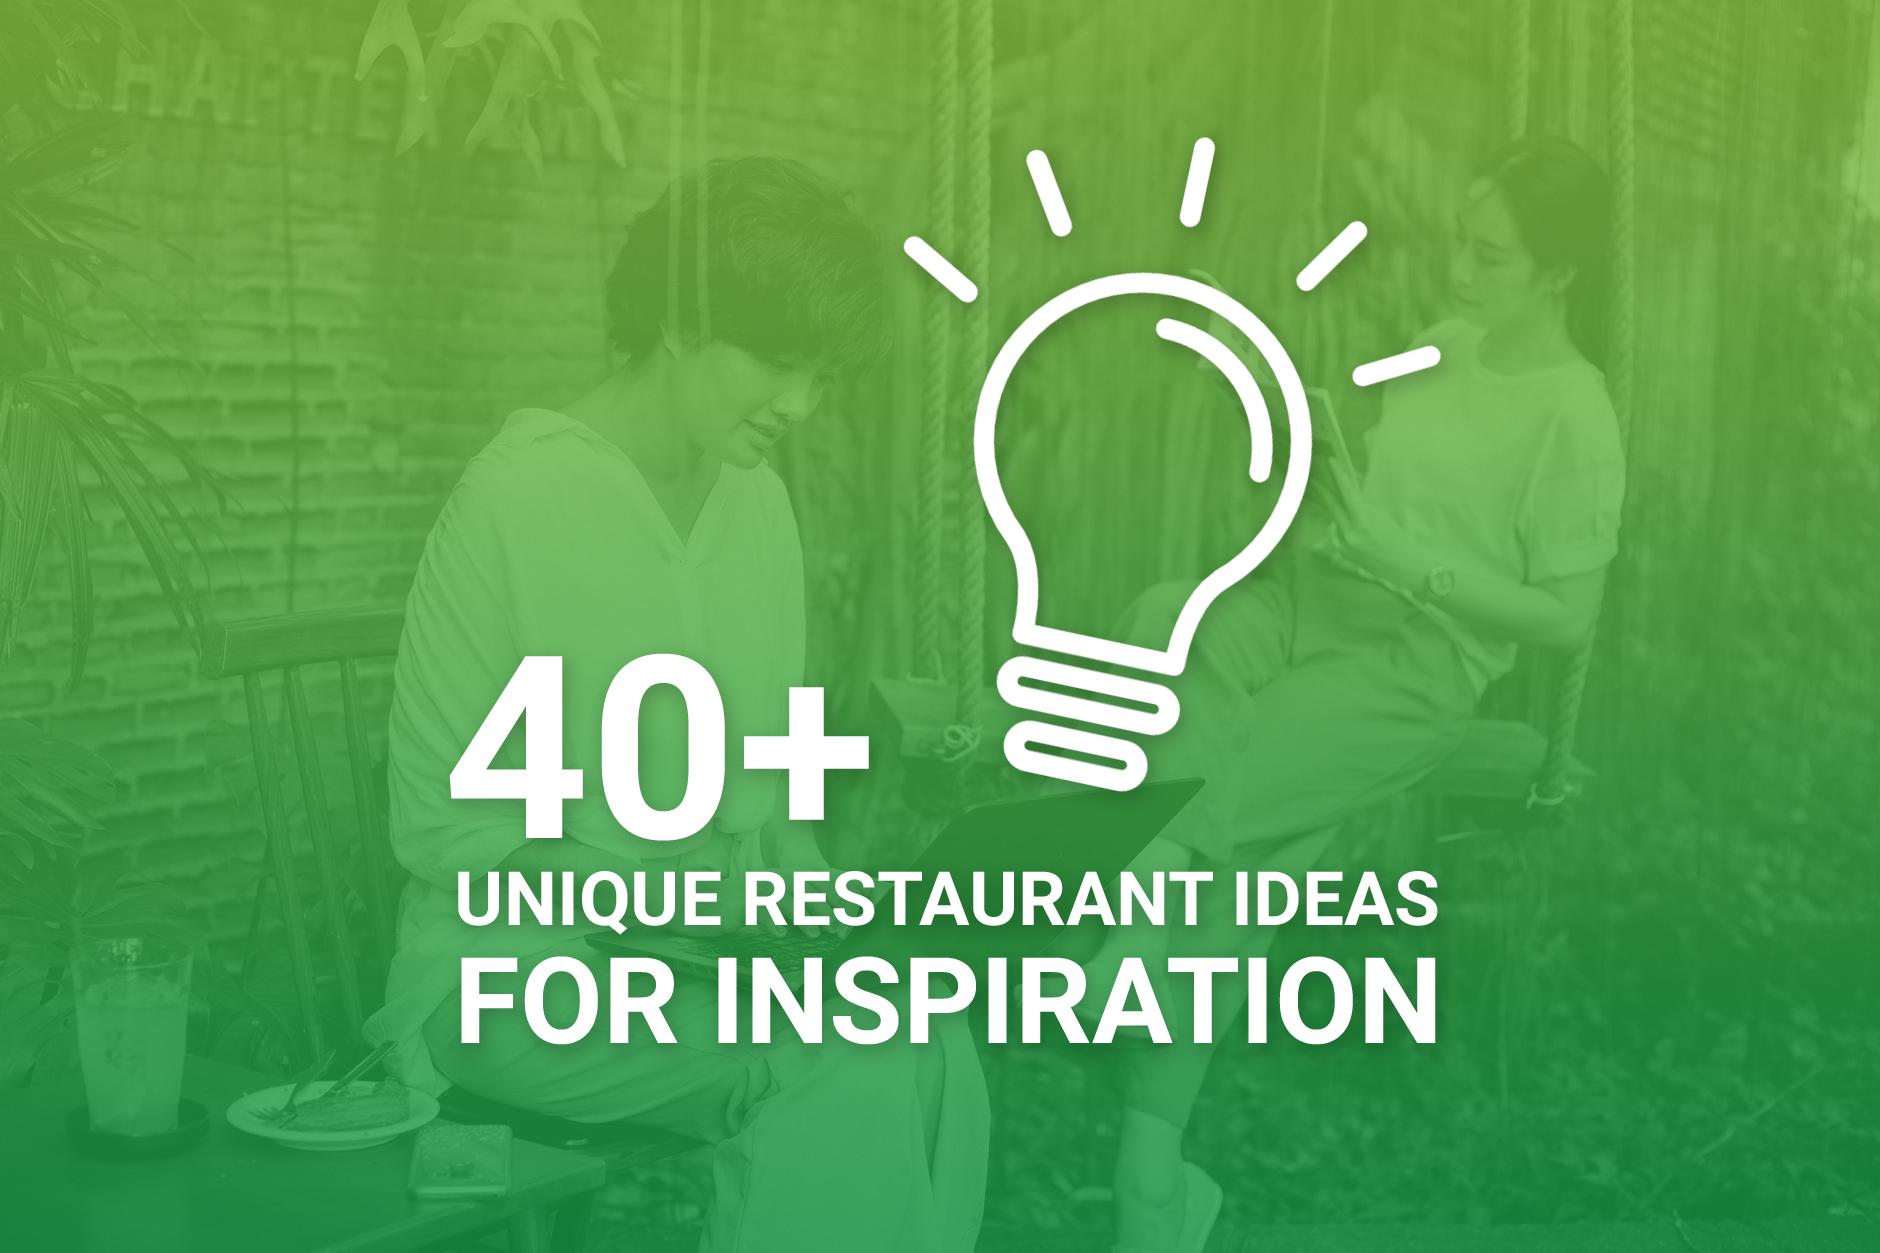 Unique Restaurant Ideas